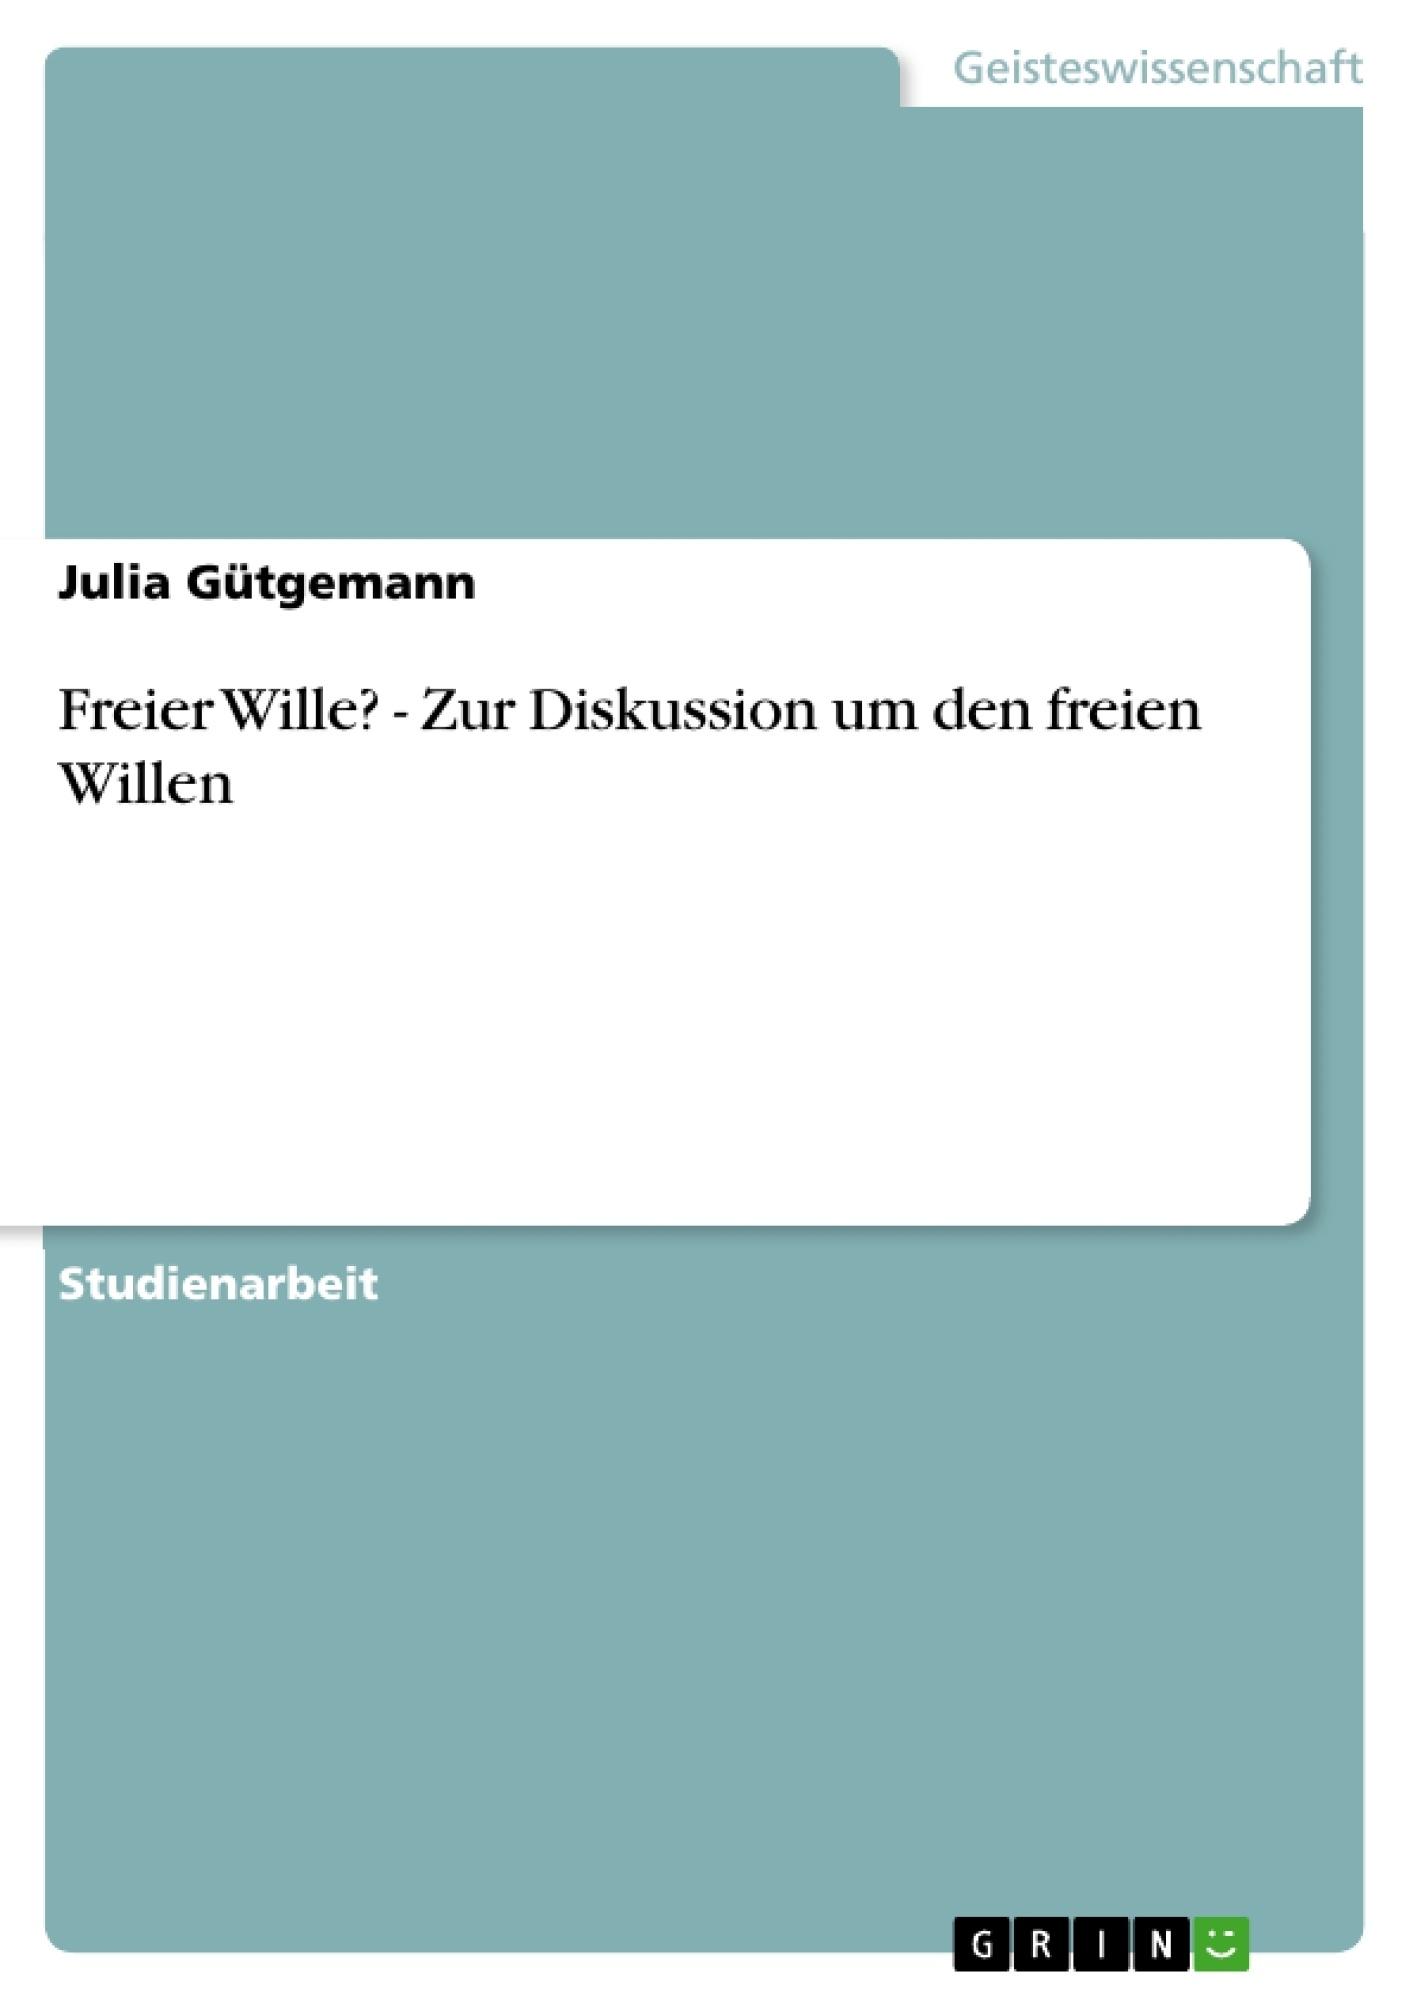 Titel: Freier Wille? - Zur Diskussion um den freien Willen